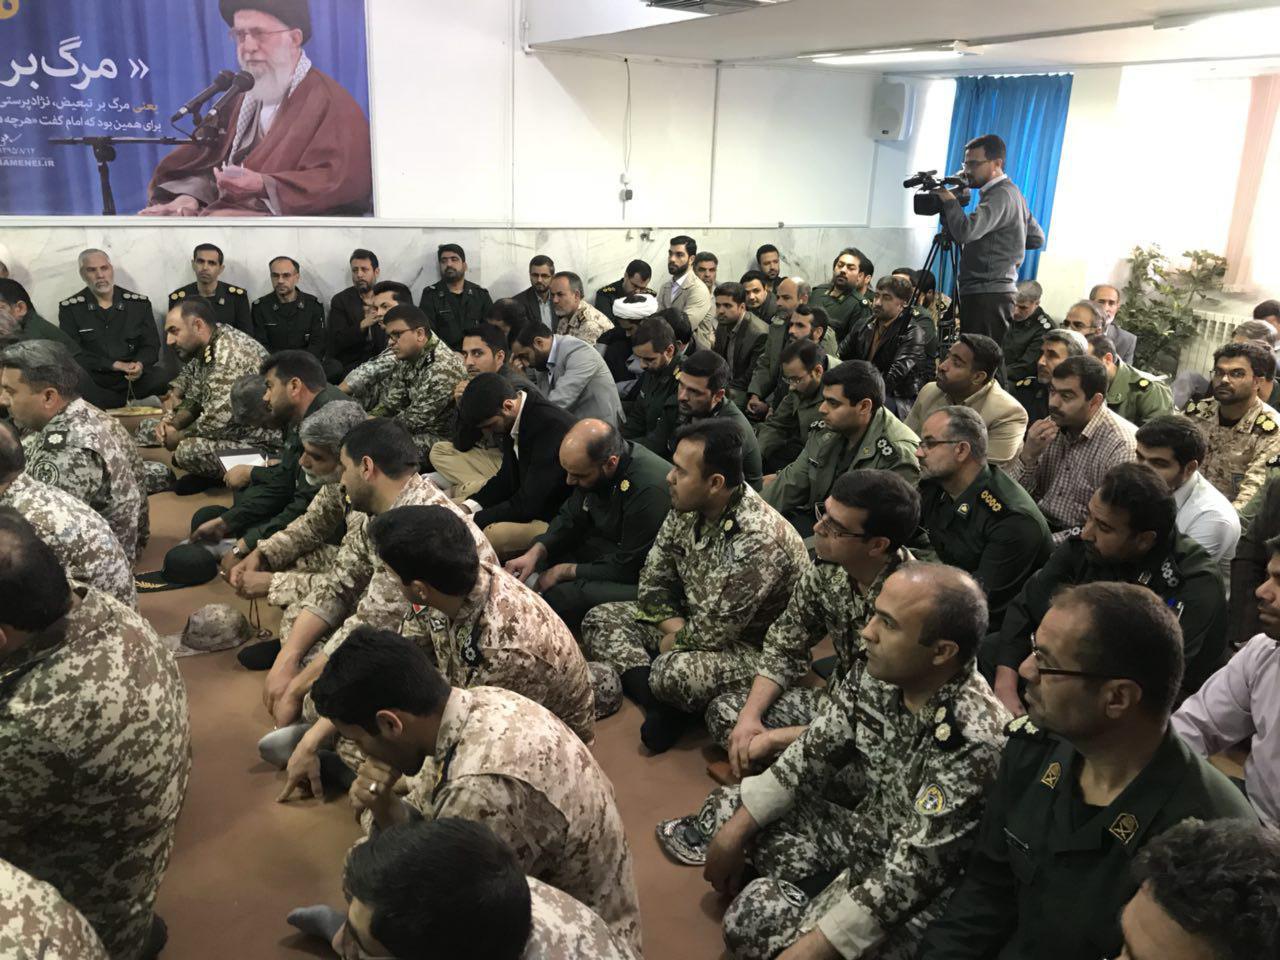 دیدار با سپاه انصارالرضا